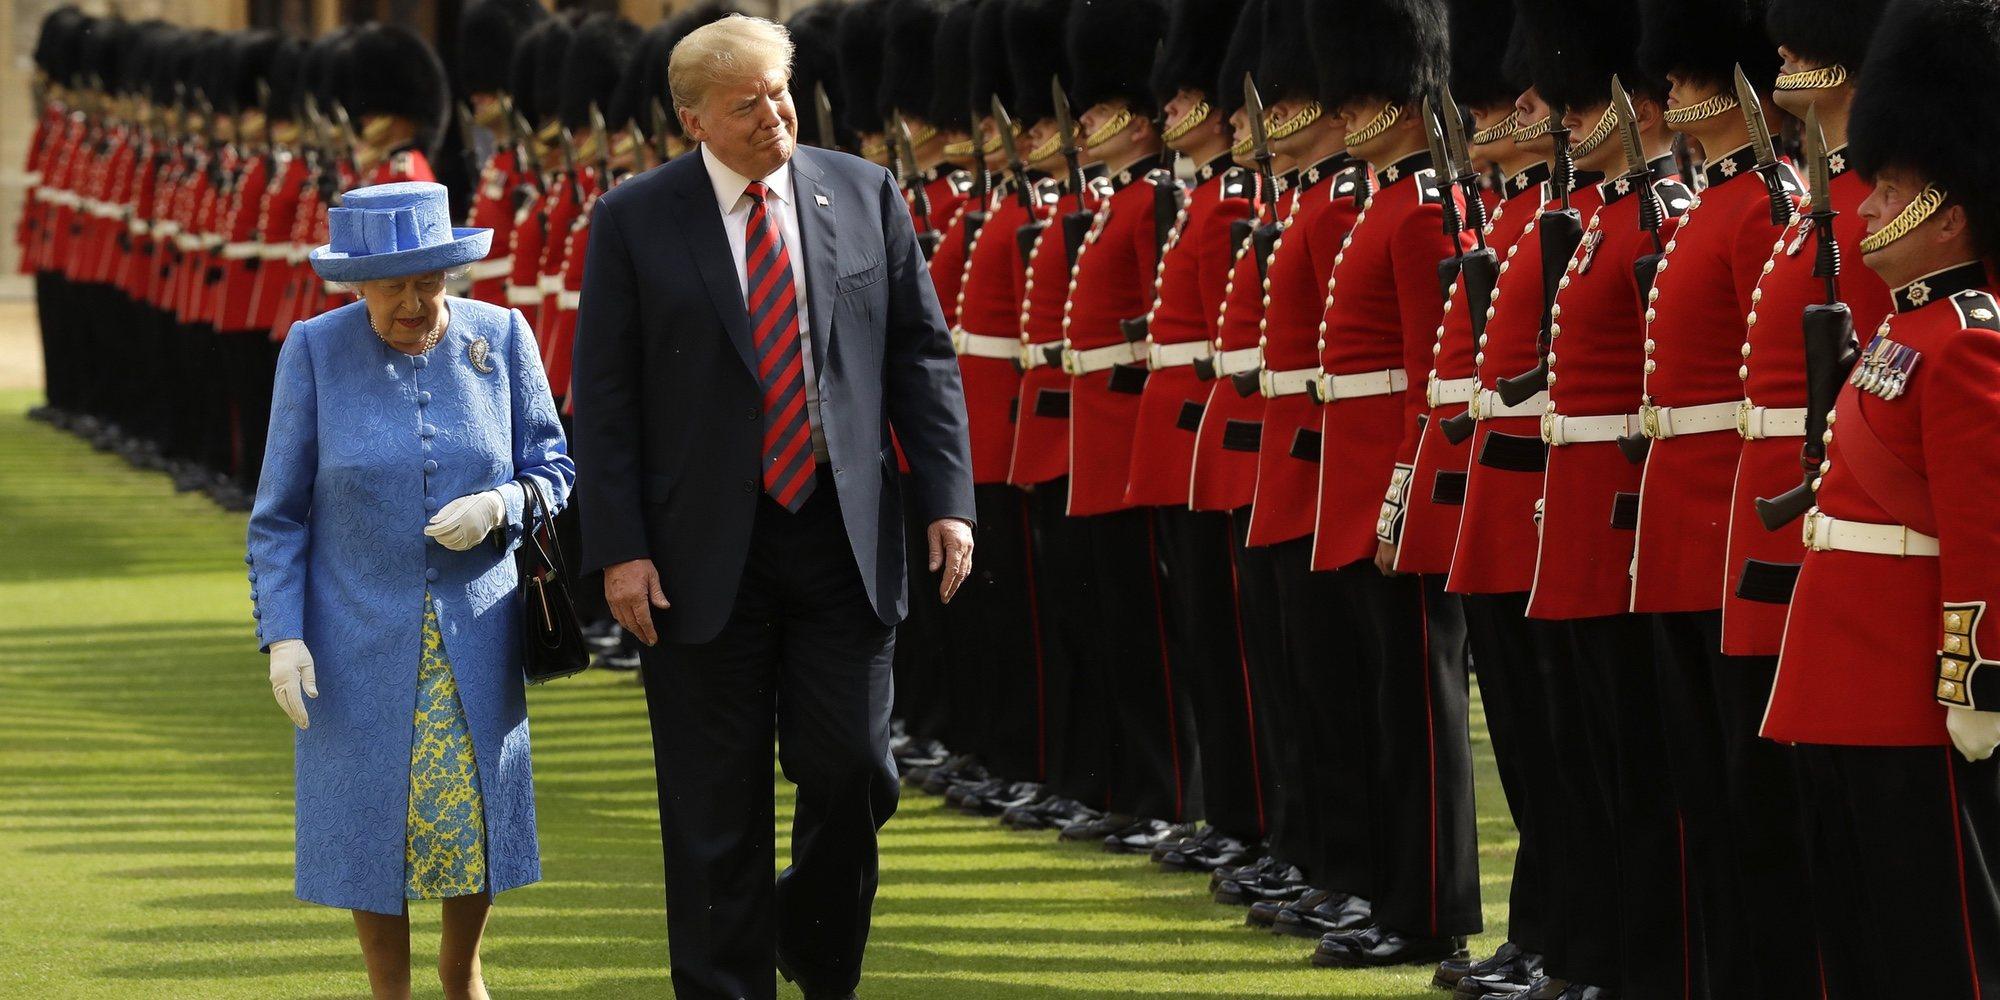 Los planes de la Familia Real Británica con la Visita de Estado de Donald Trump: ausencias y recuerdos incómodos